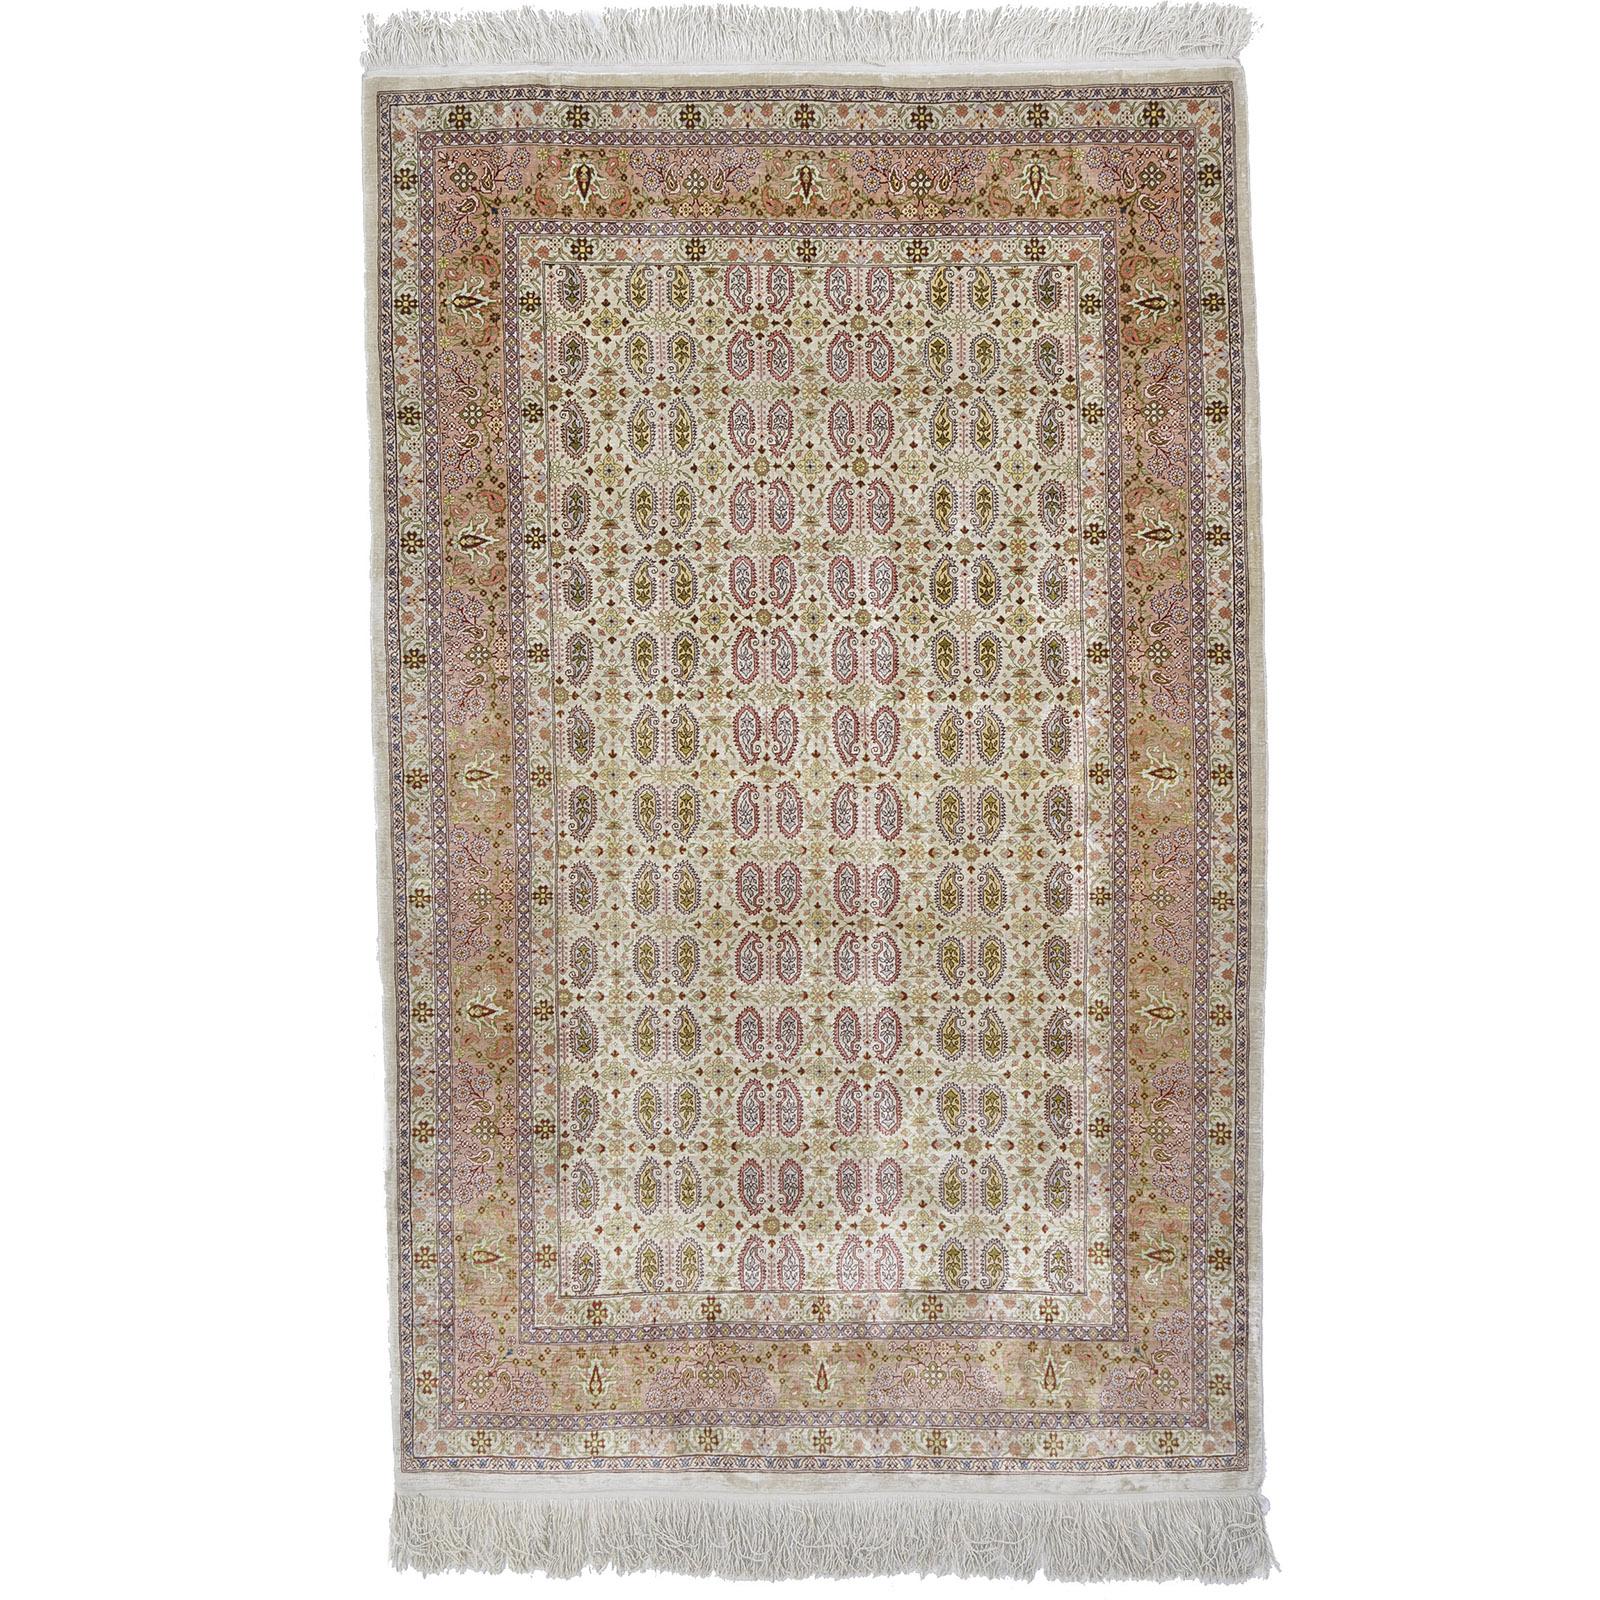 Hereke silke (Semi Antik) matta storlek 167x102 cm